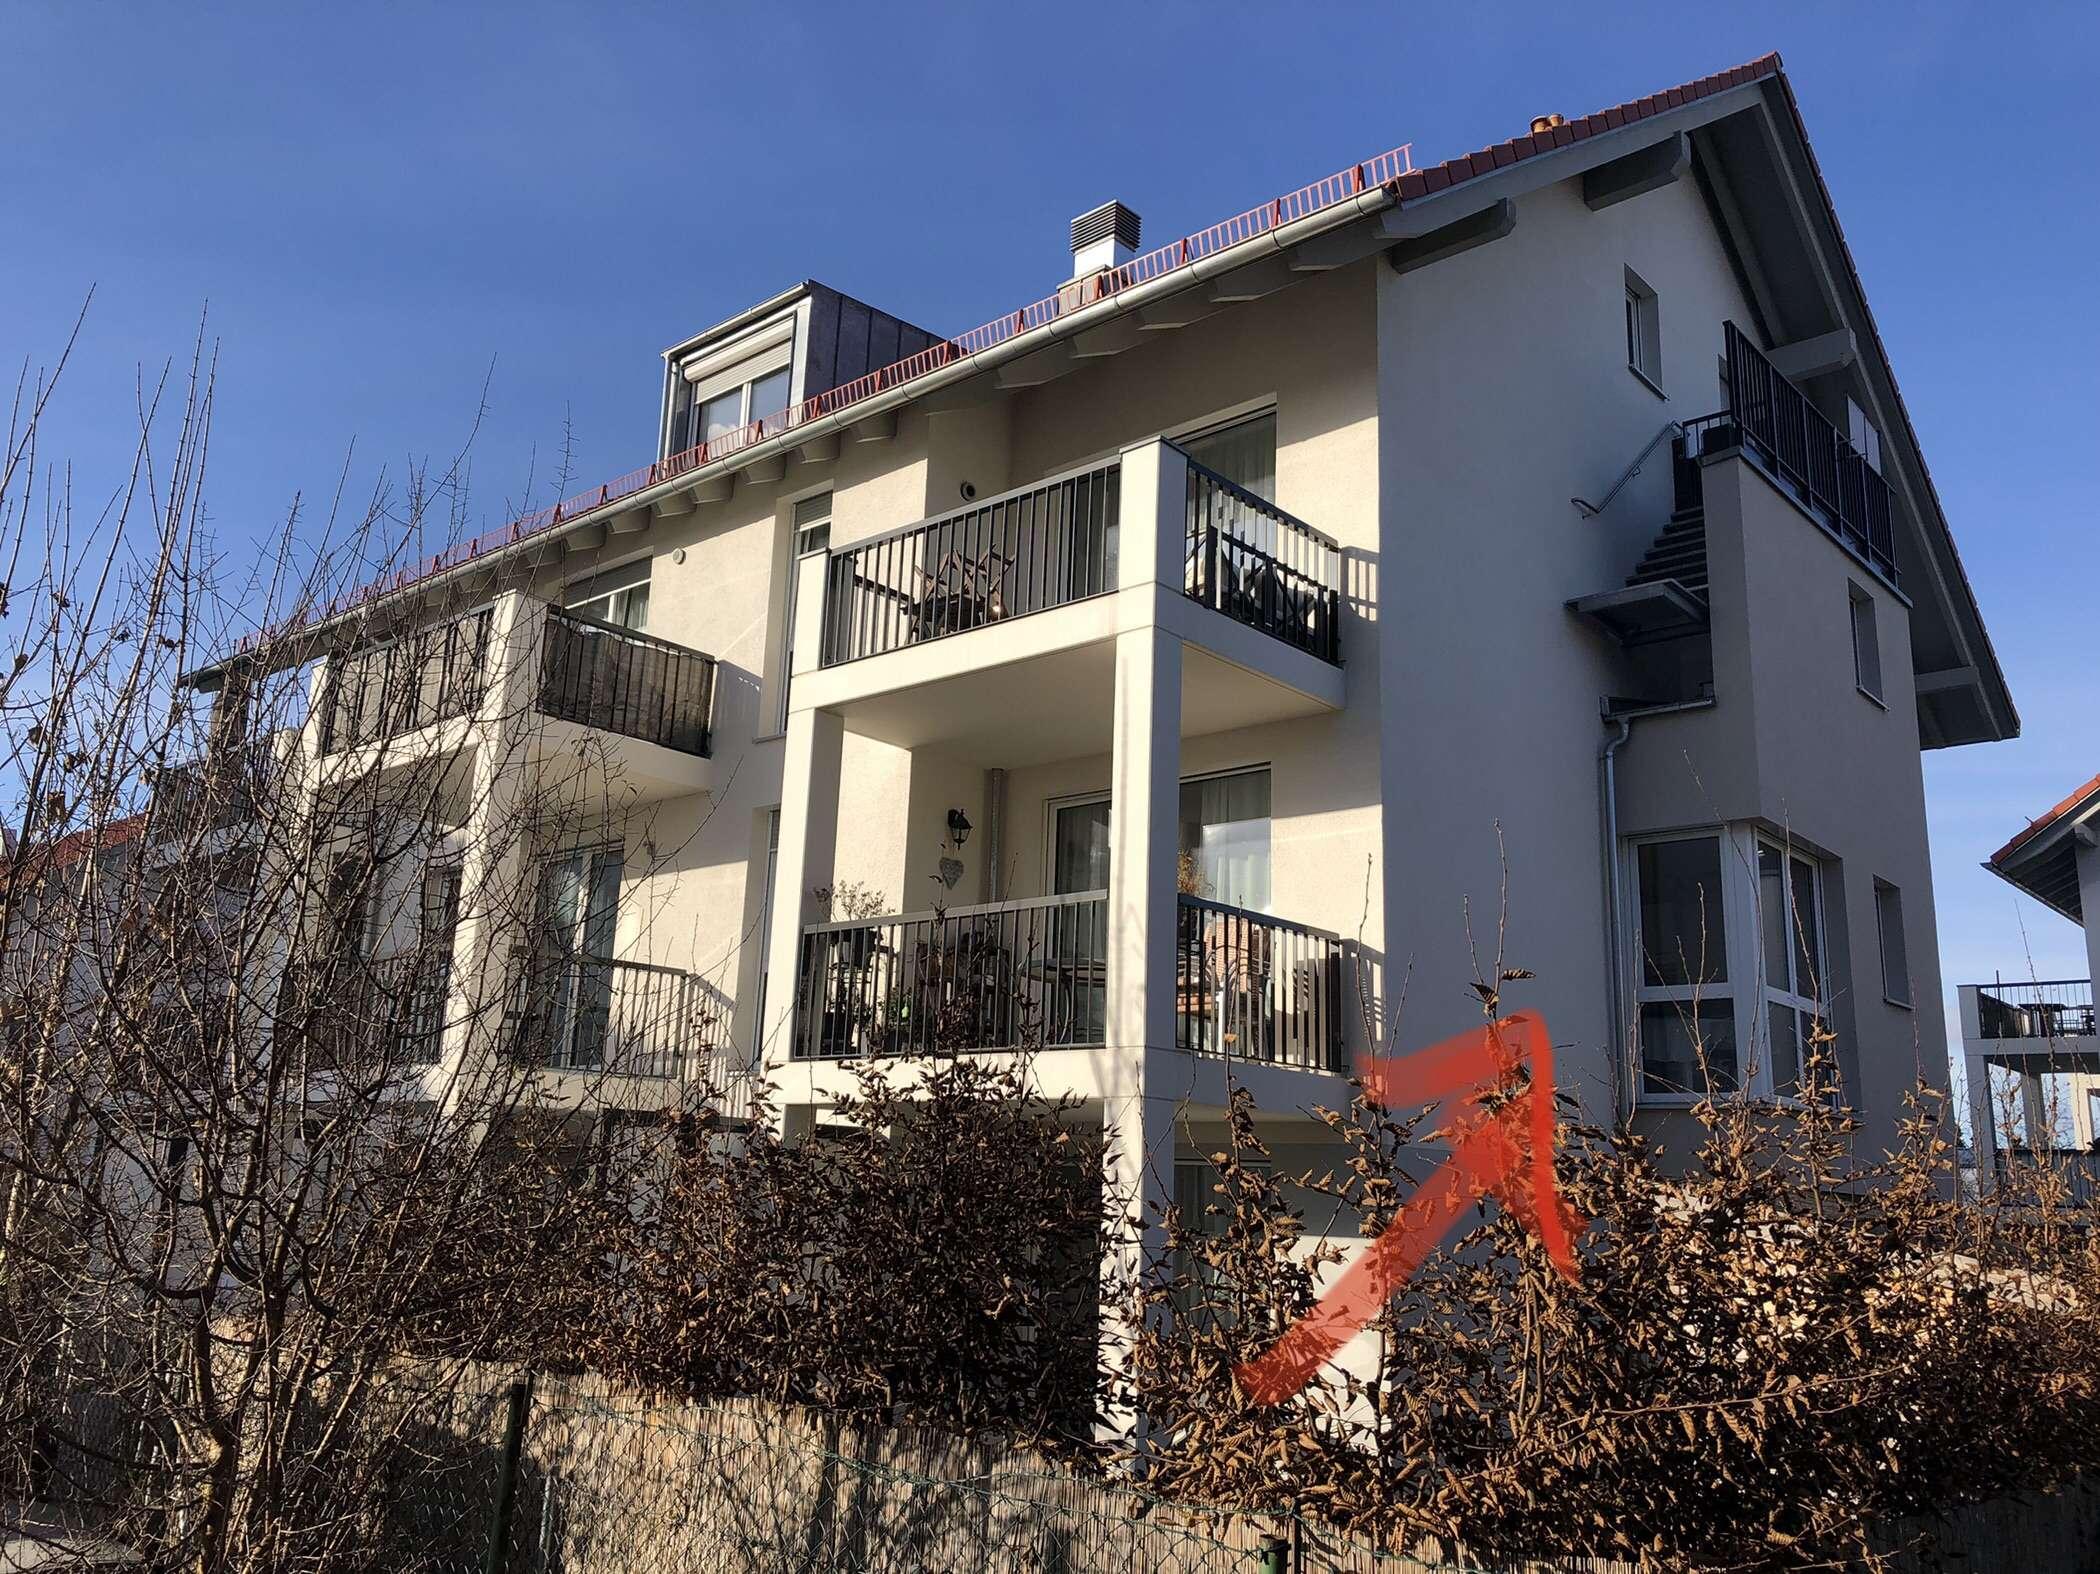 Helle, ruhige, neuwertige 2 Zimmer Wohnung mit Balkon Parsdorf / Vaterstetten  in